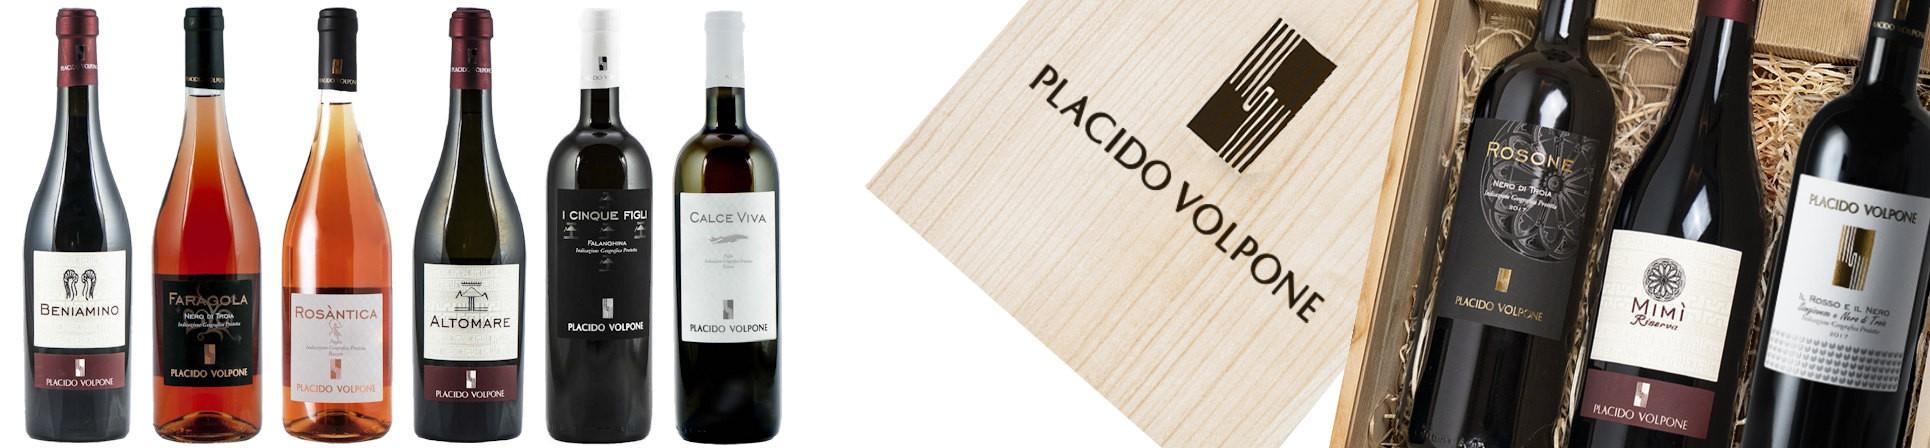 vendita online vini nero di troia - Cantina Placido Volpone